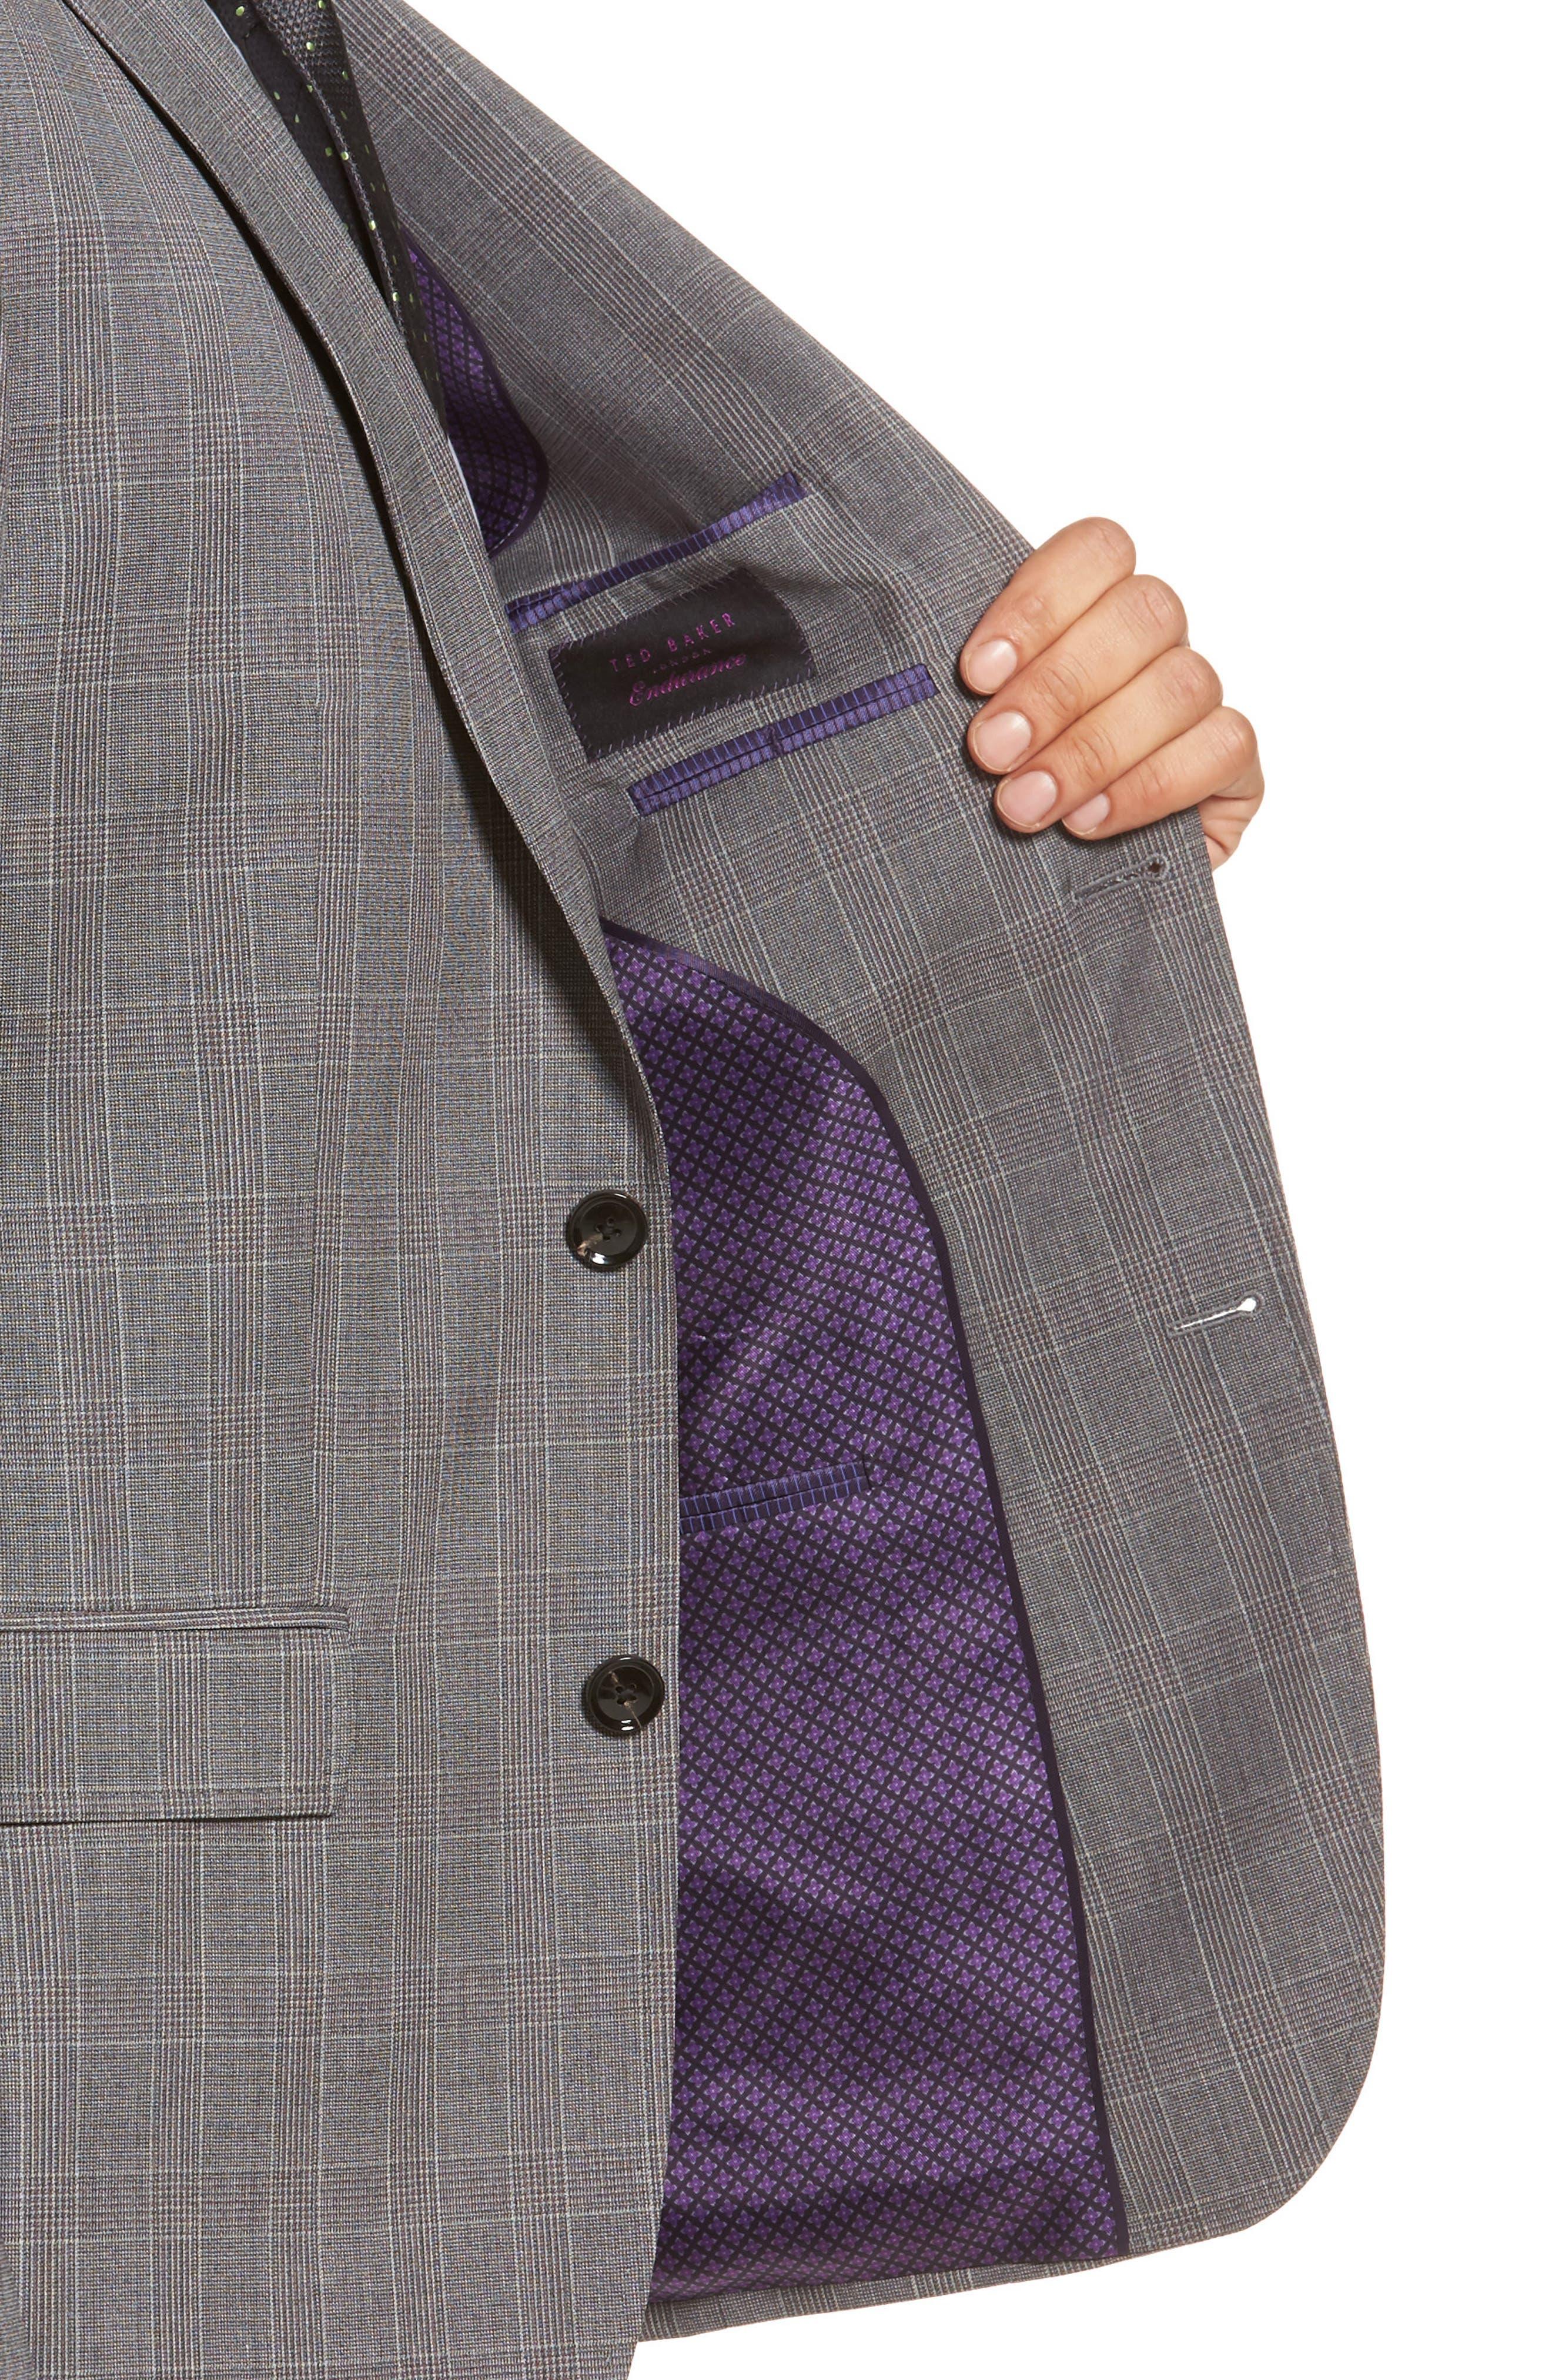 Jay Trim Fit Plaid Wool Suit,                             Alternate thumbnail 4, color,                             Grey